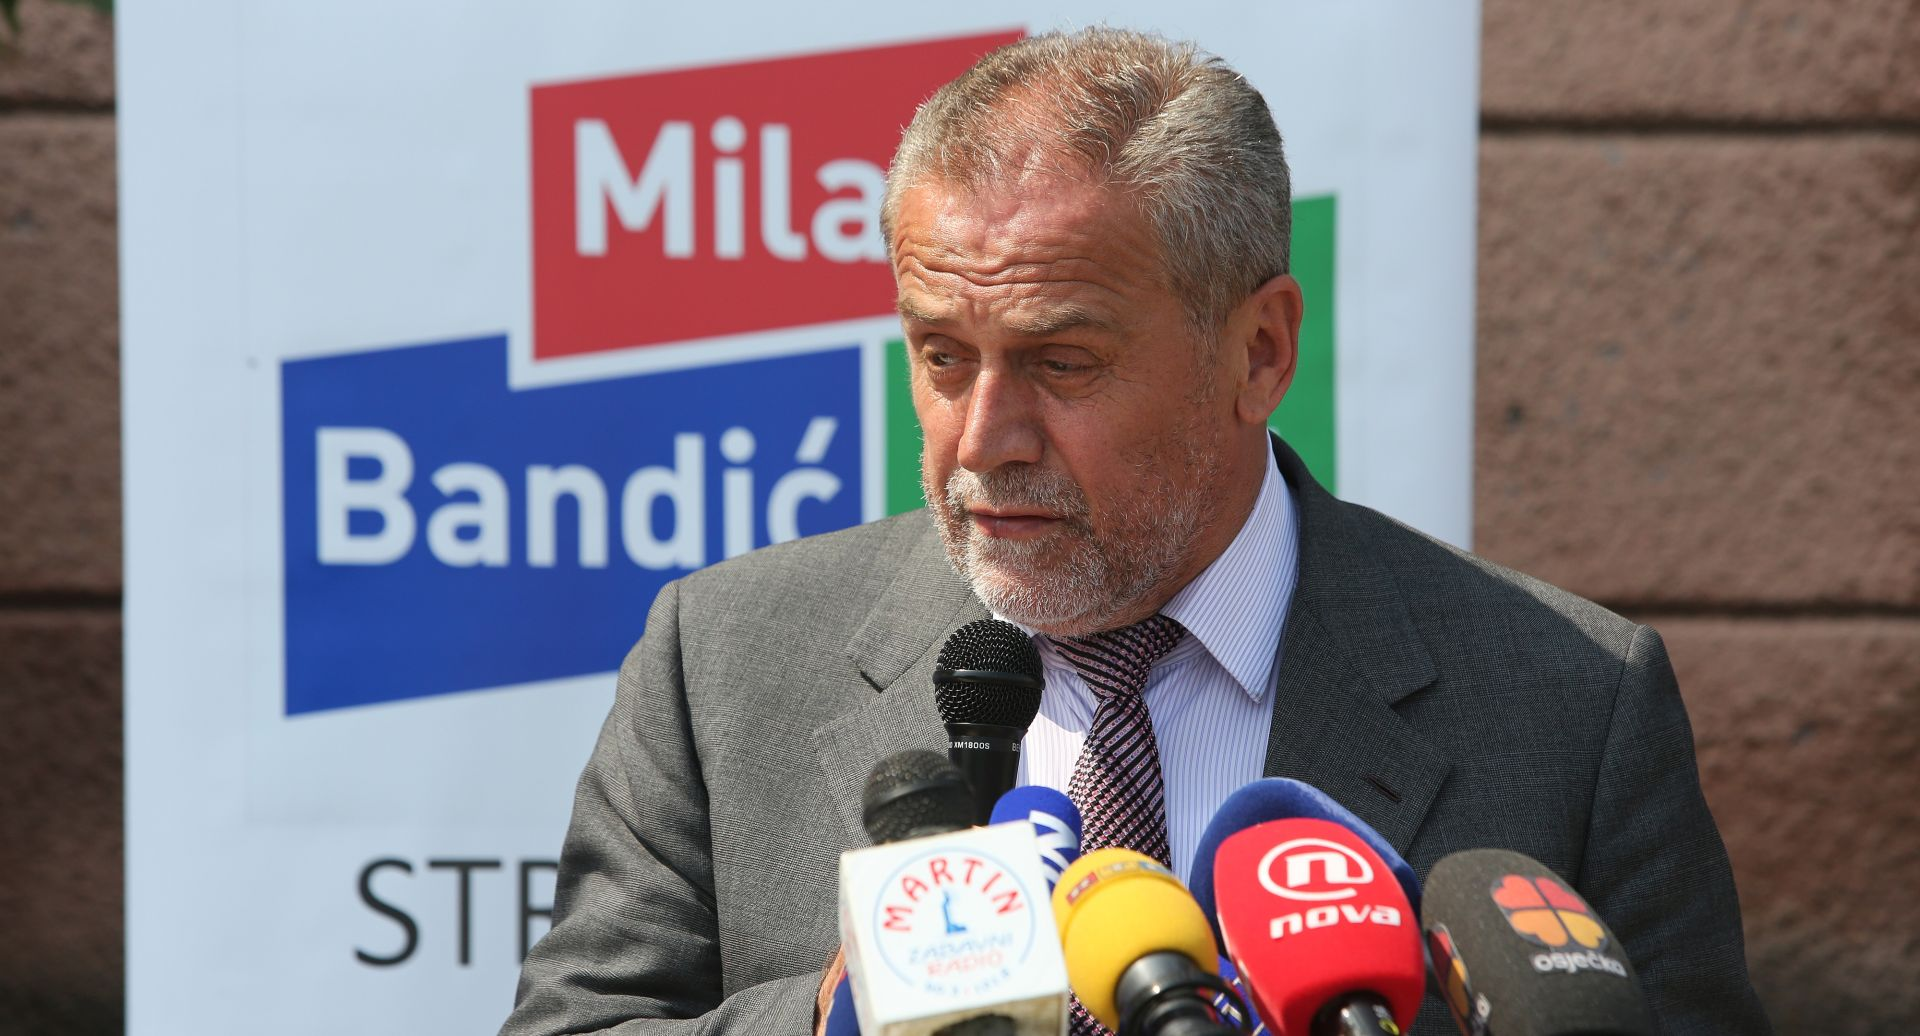 Milan Bandić miče svoje ime iz imena stranke